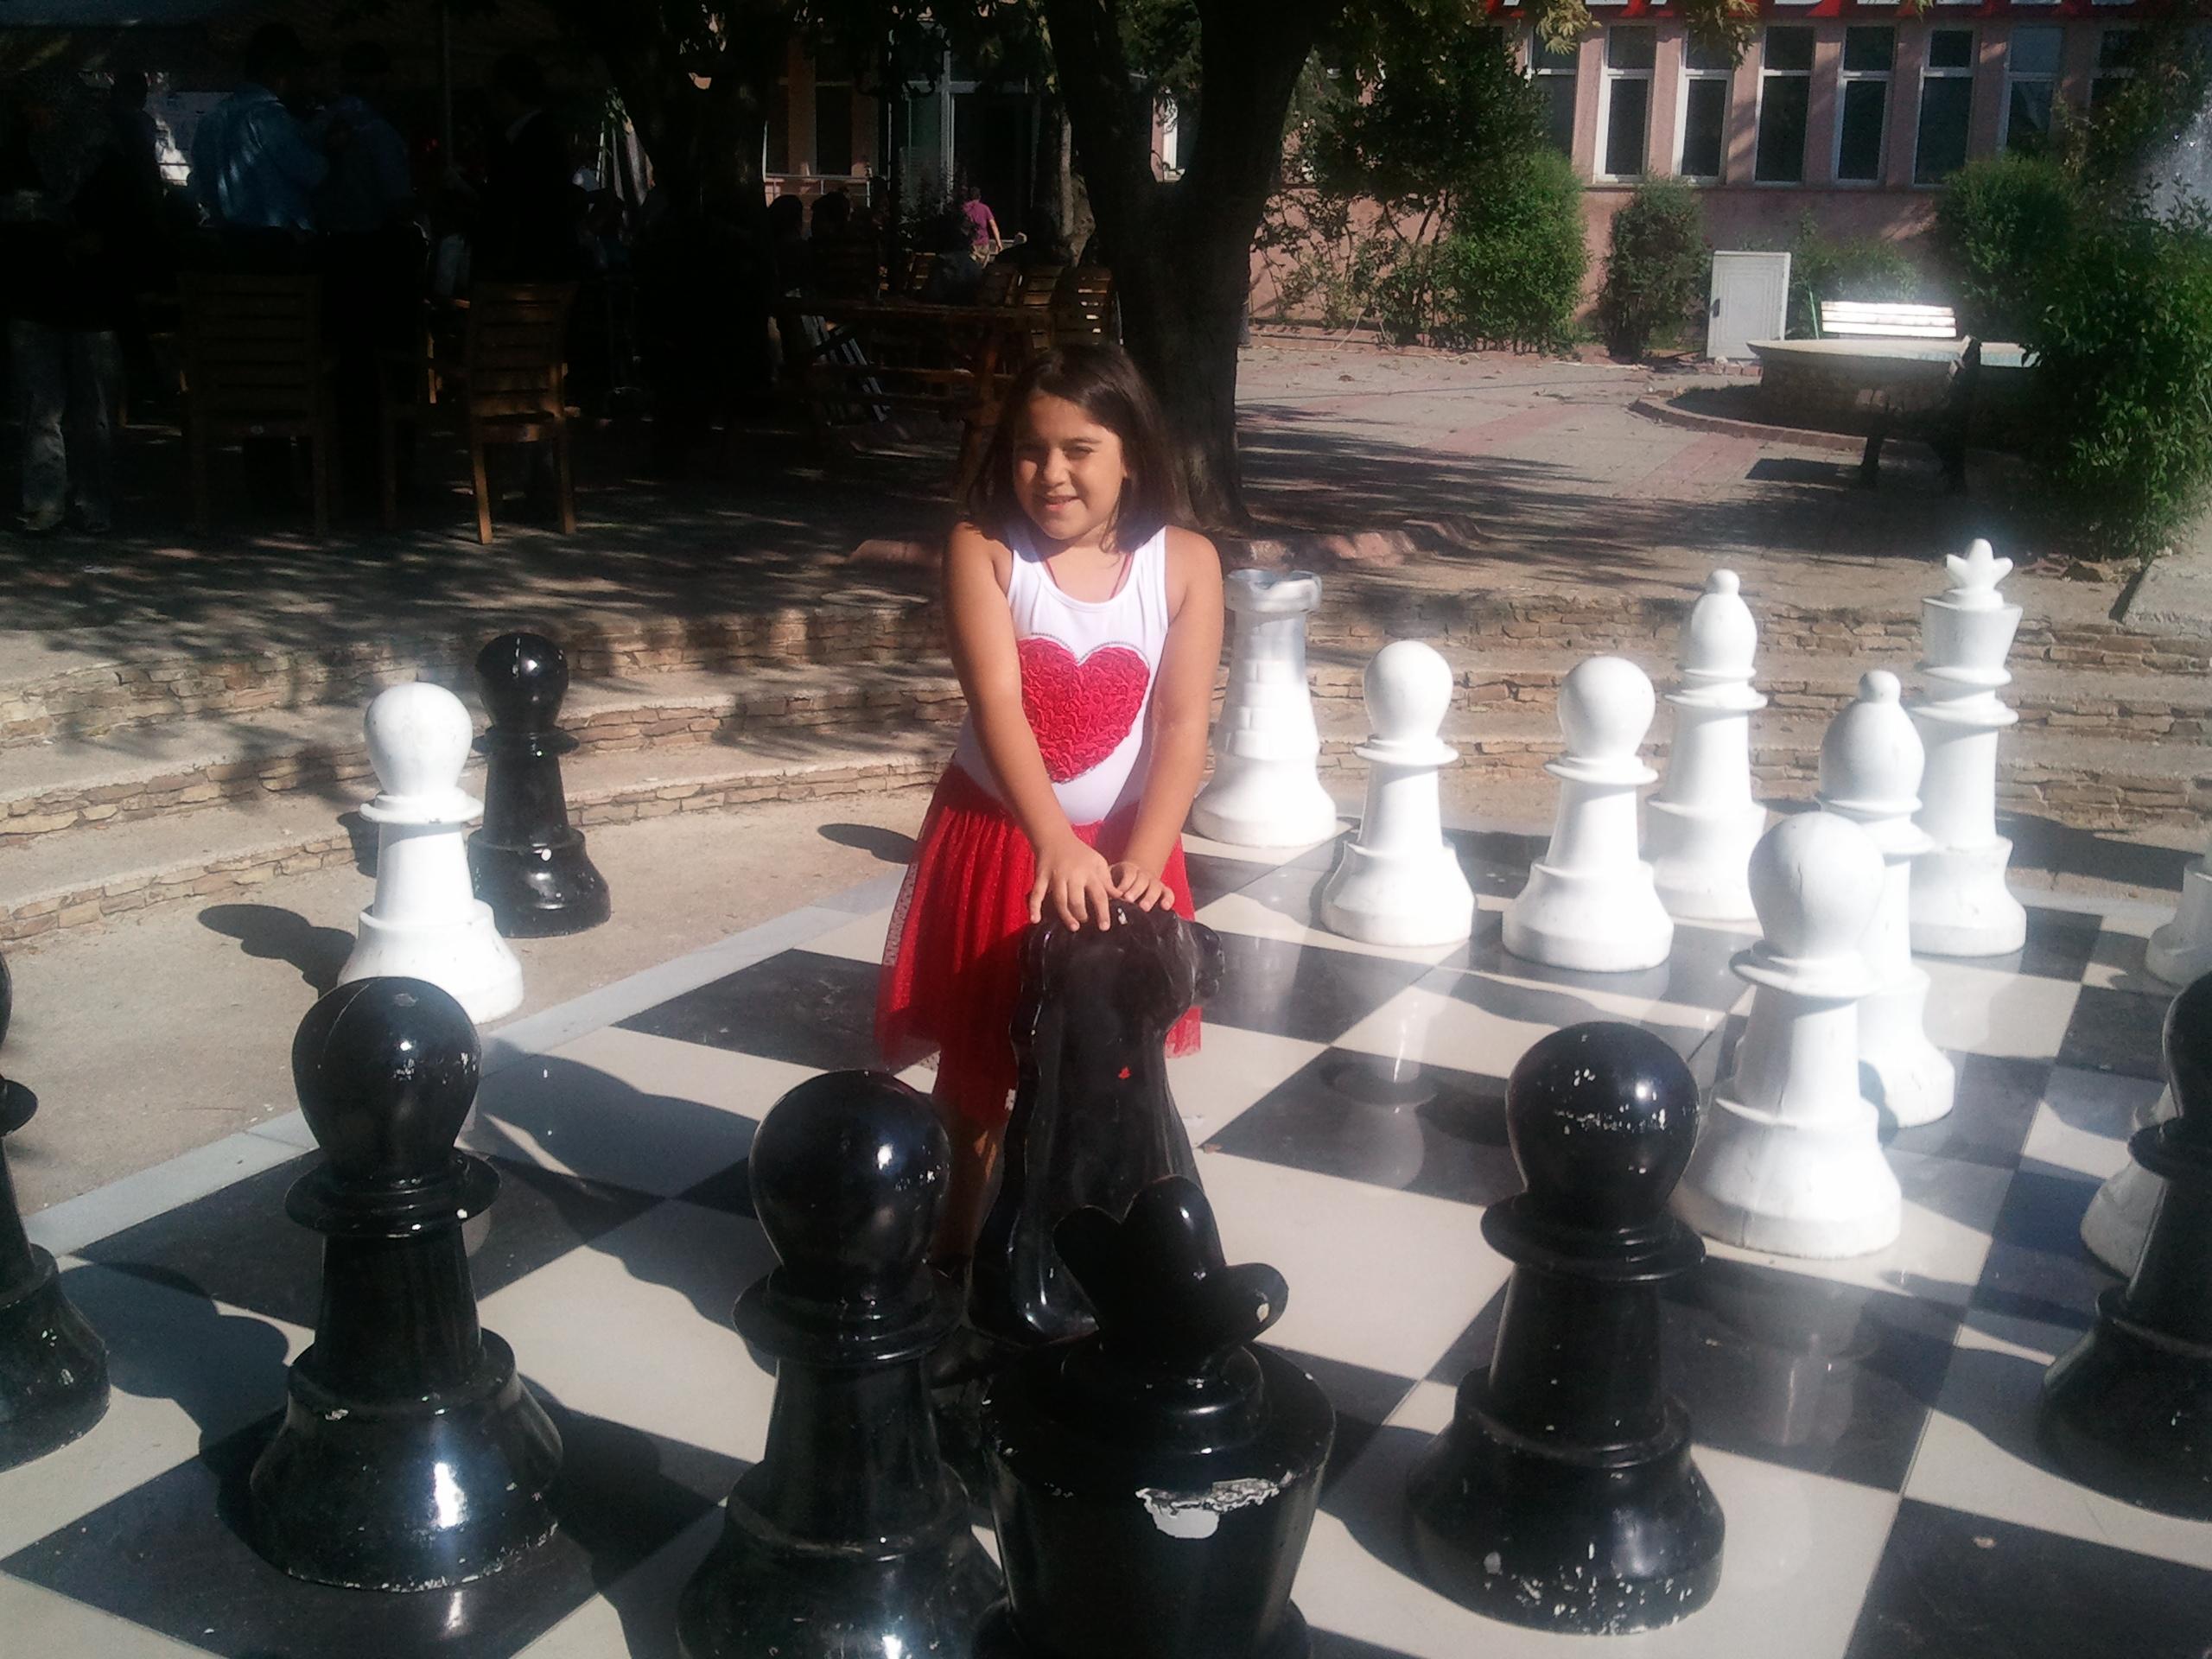 Dahi beyinler chesslover